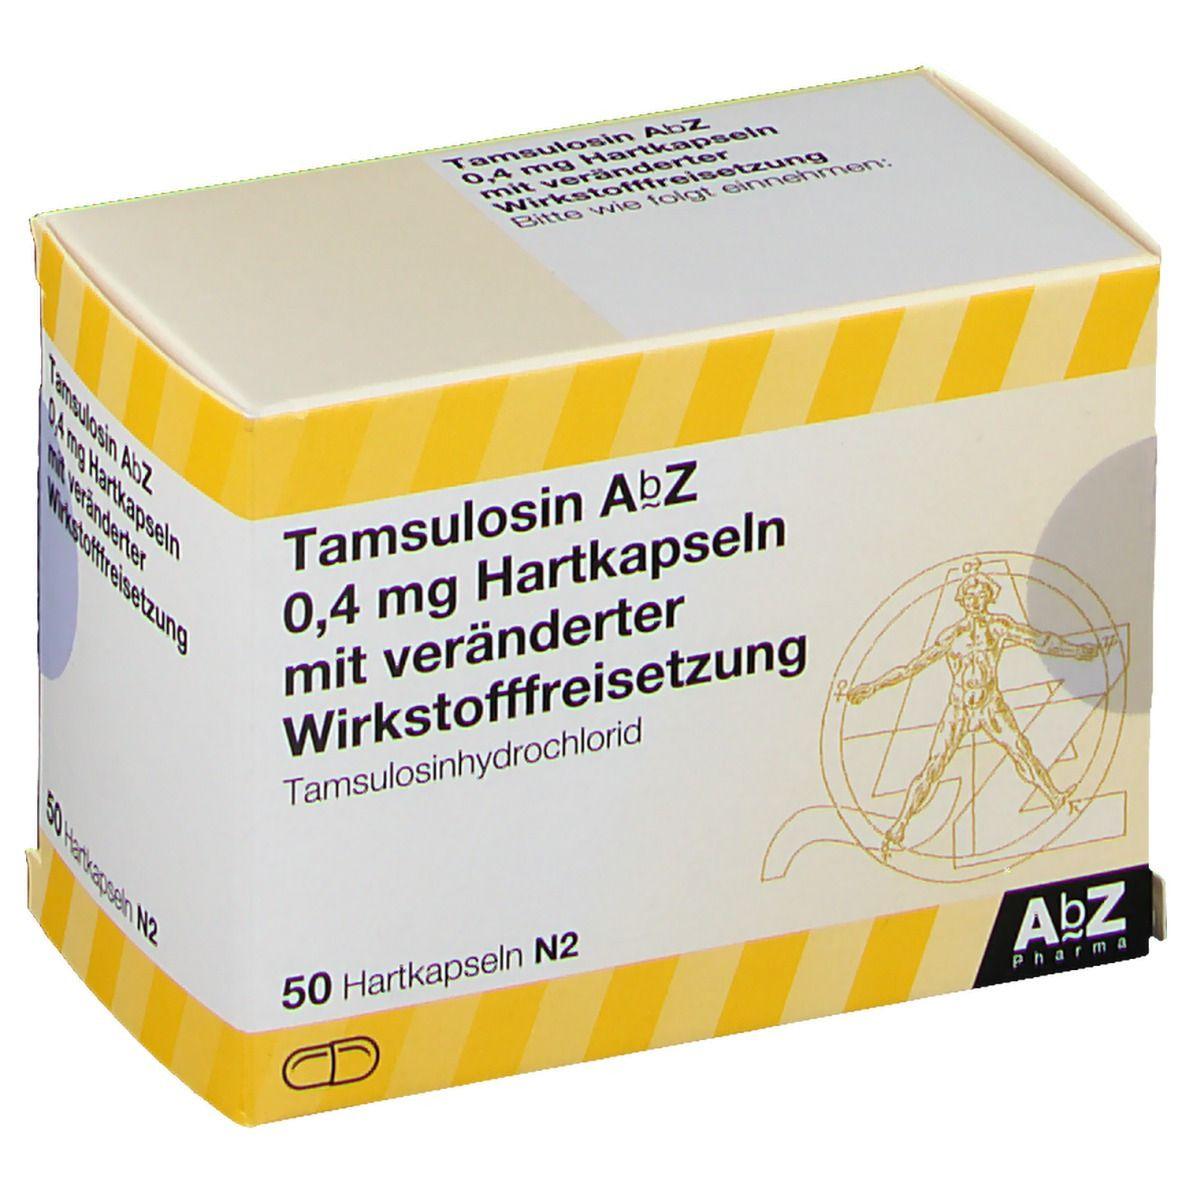 Prosztatagyulladás kezelése tamsulosin - Prosztatagyulladás tamsulosin kezelése